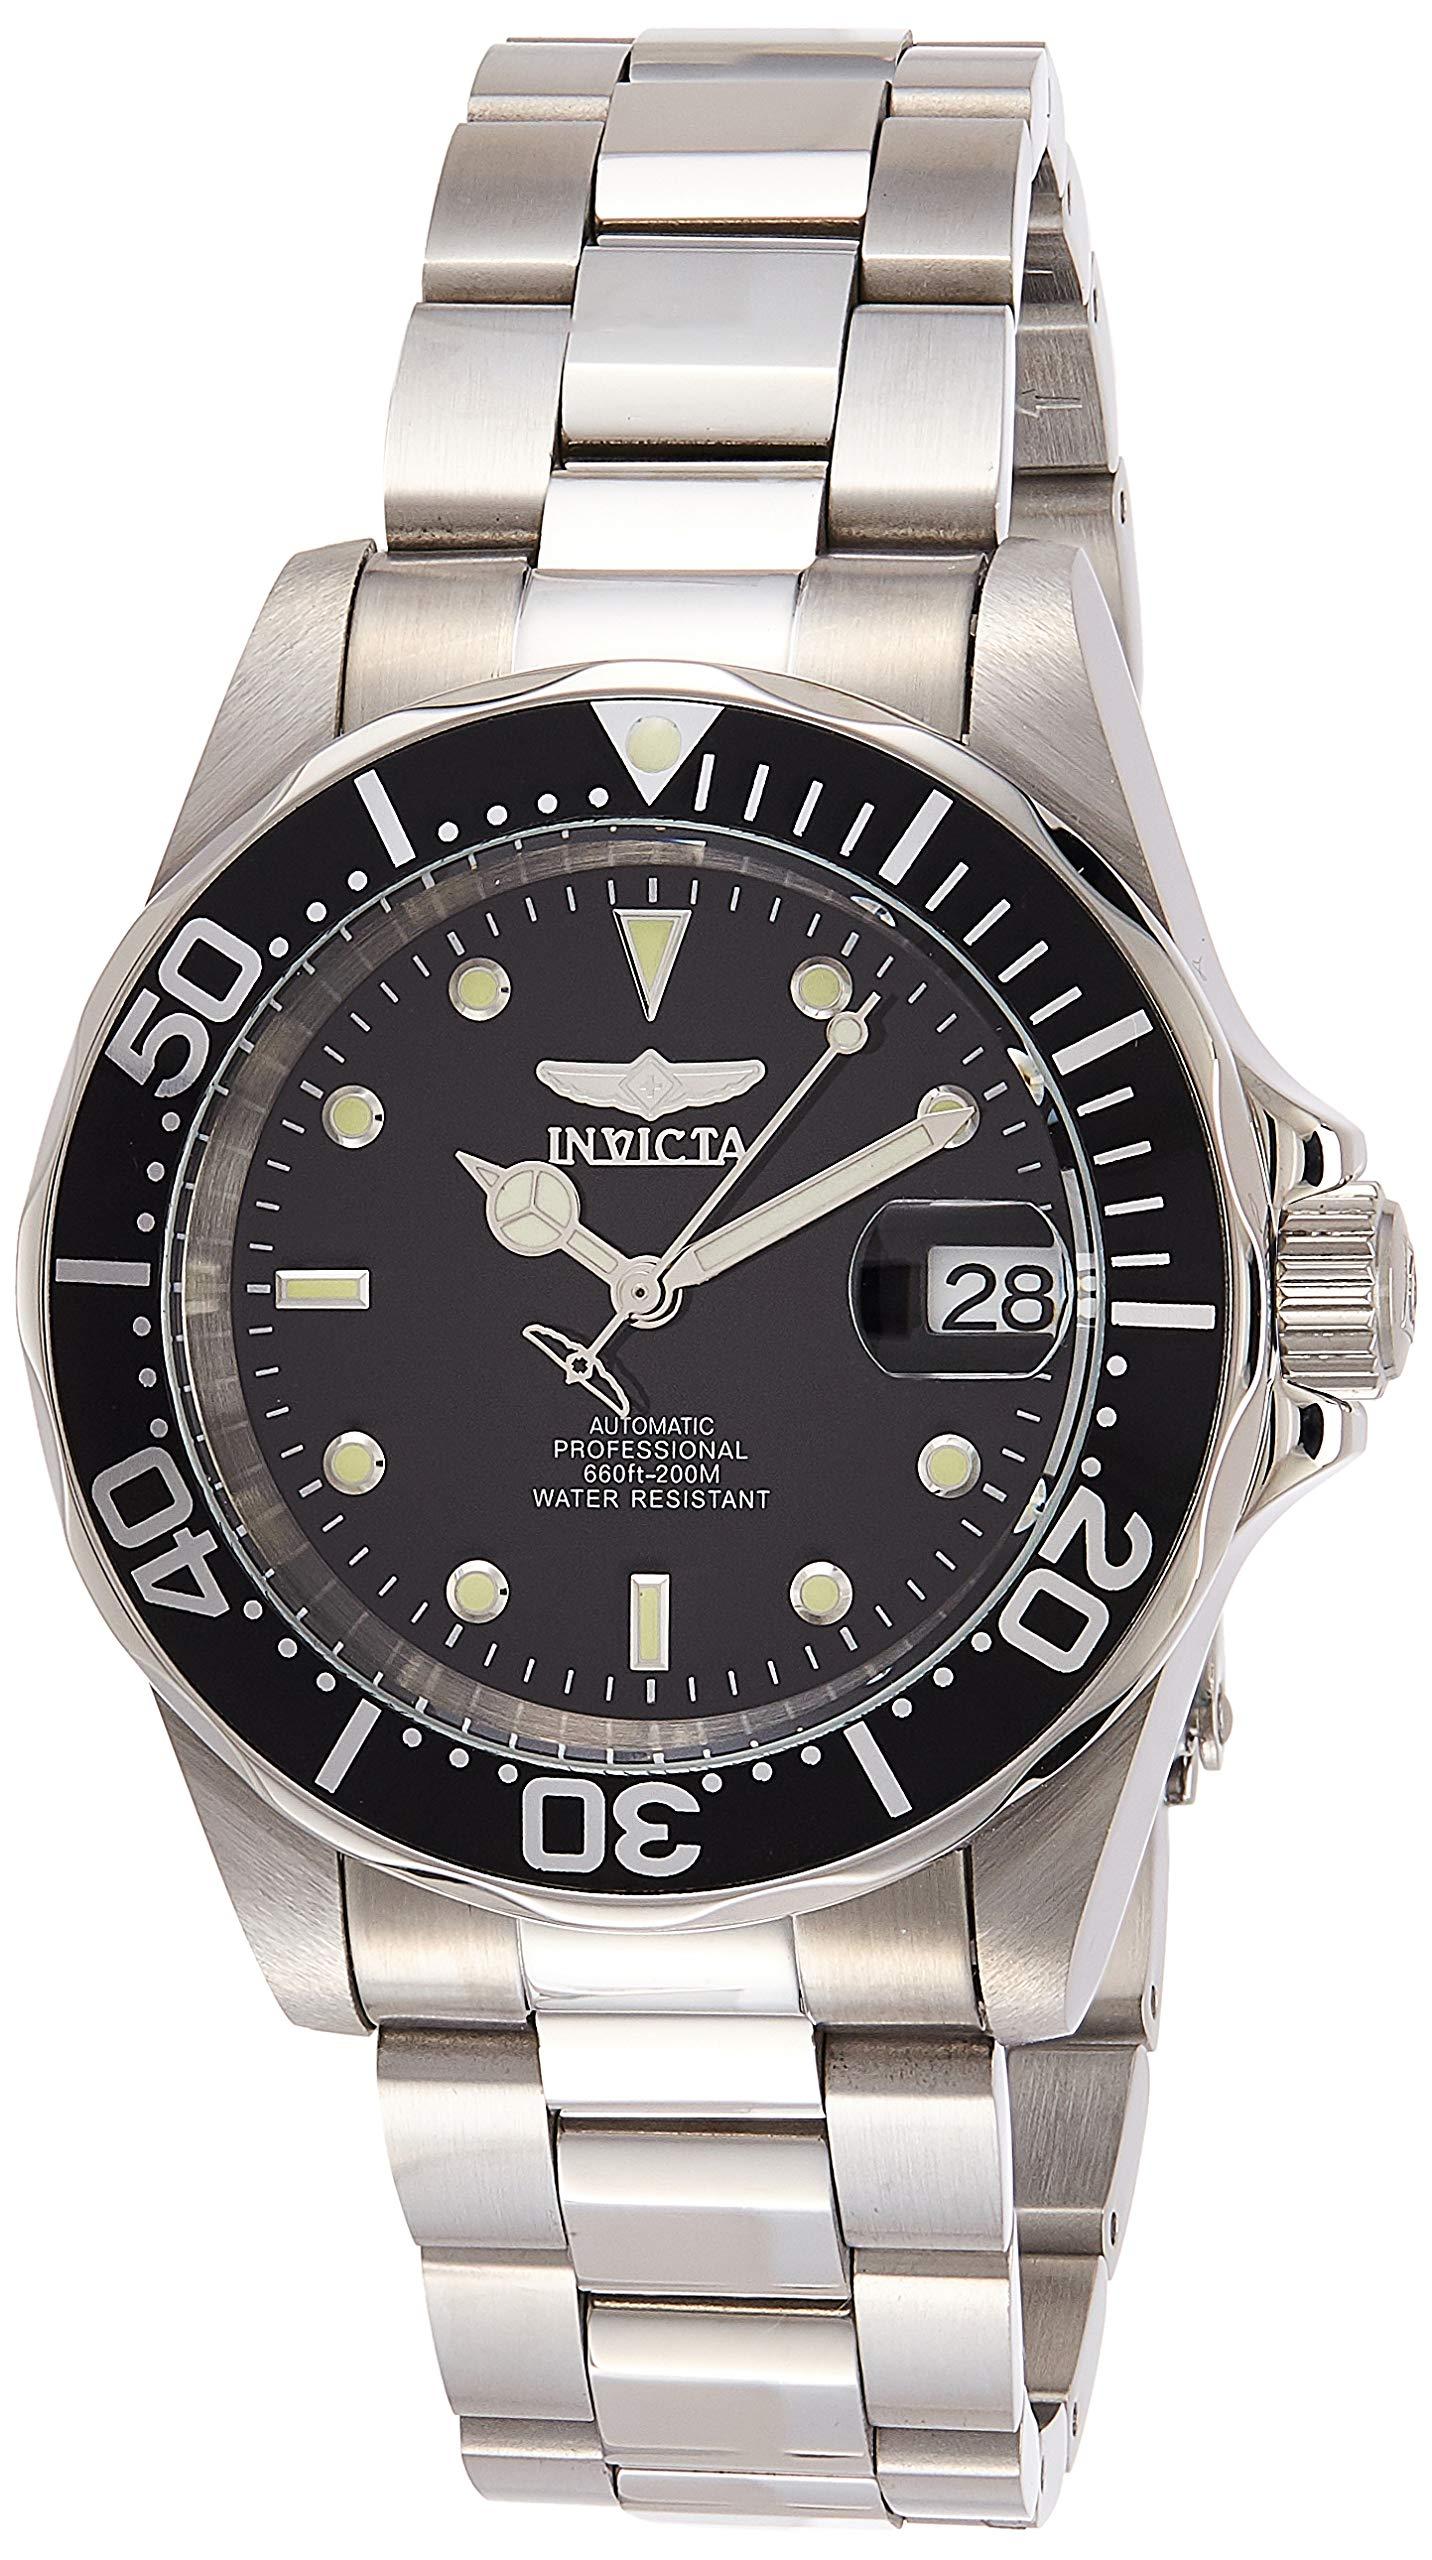 Invicta Men's 8926 Pro Diver Collection Automatic Watch, Silver-Tone/Black Dial/Half Open Back by Invicta